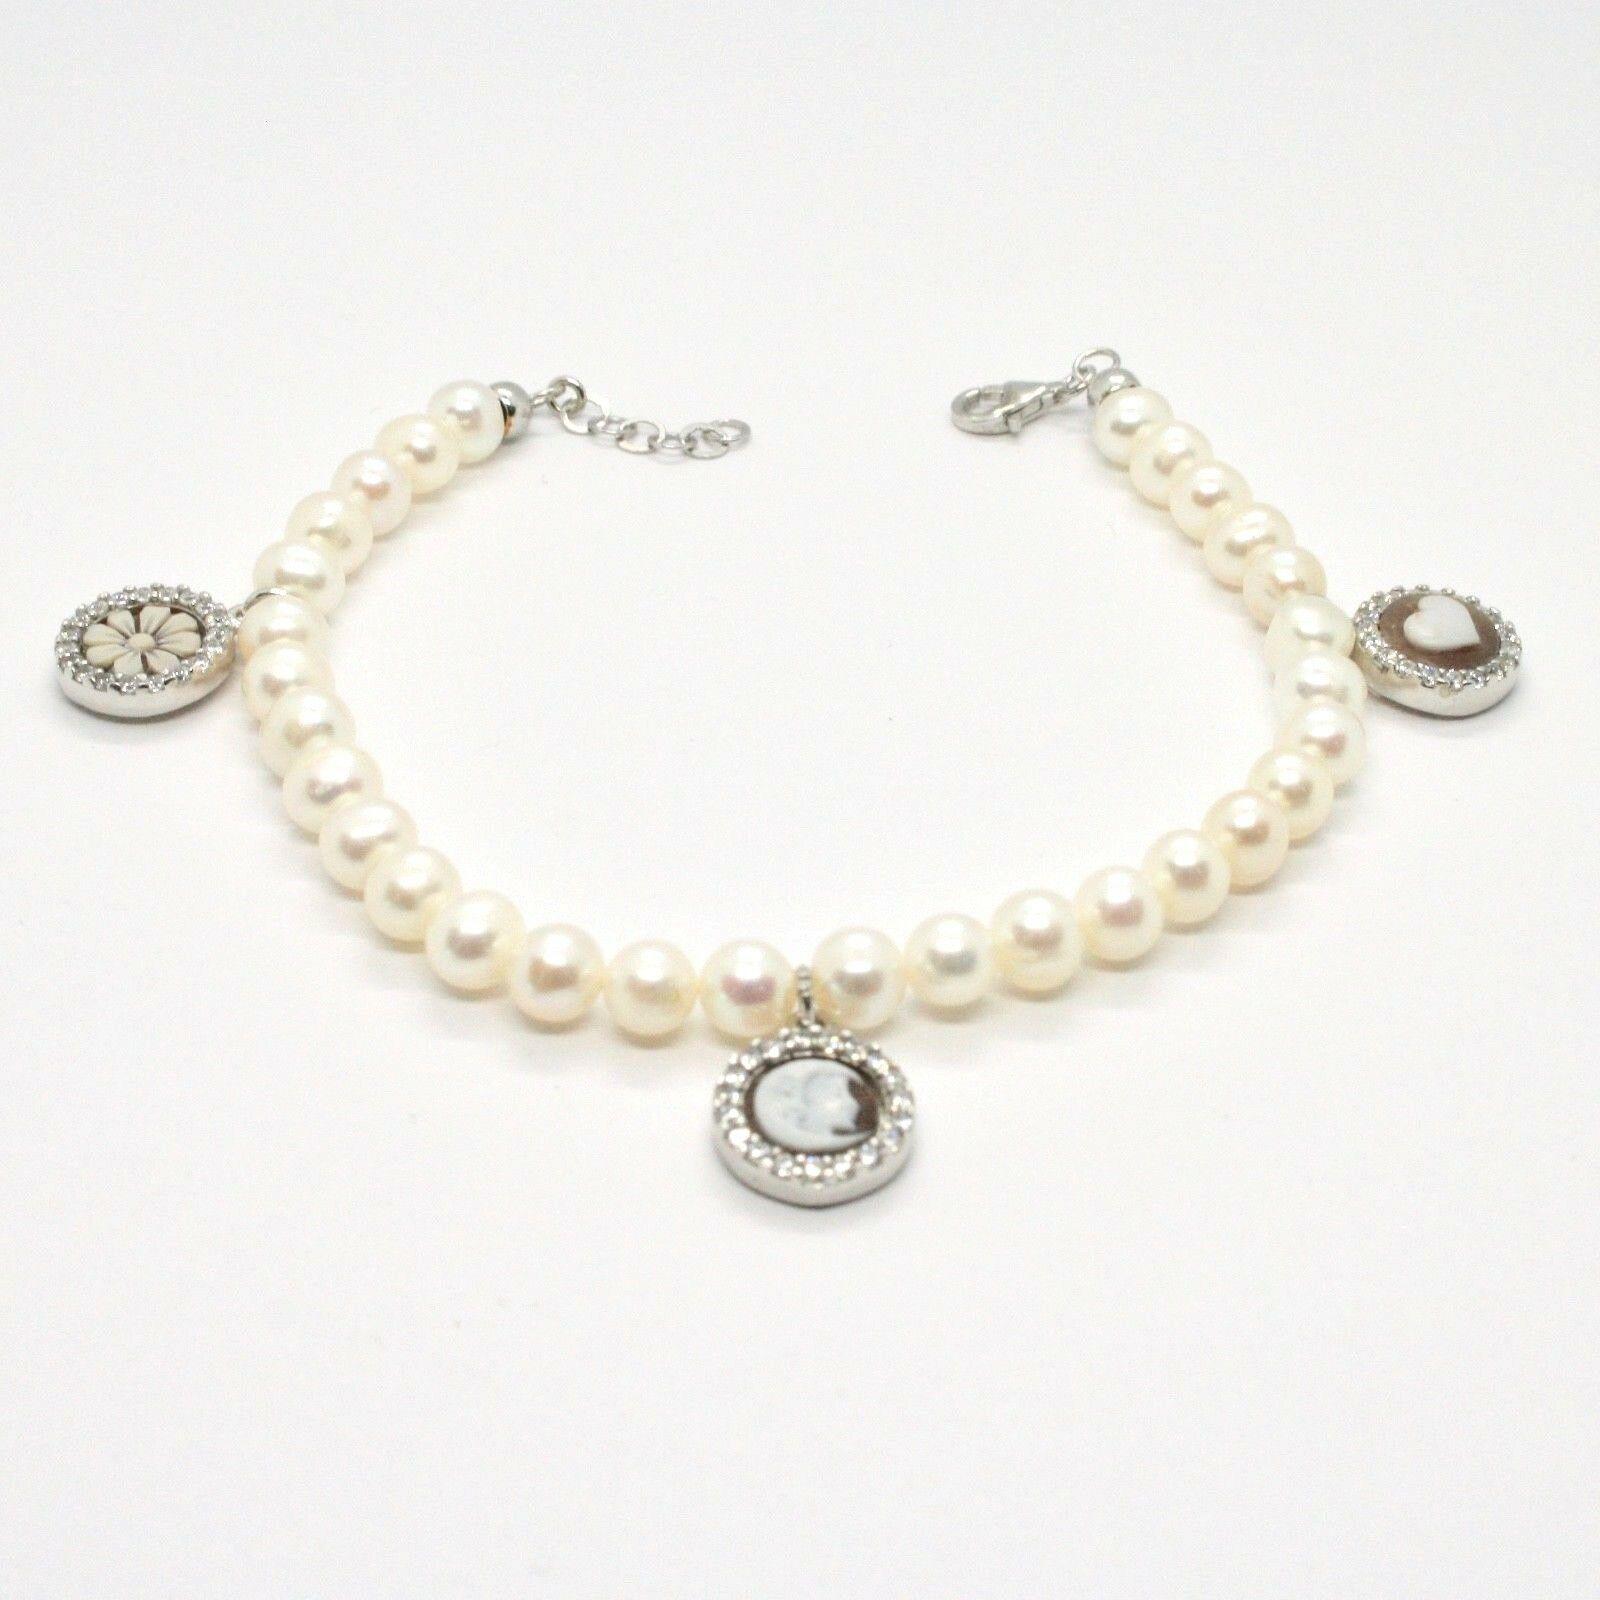 Bracelet en Argent 925 avec Perles D'Eau Douce Camée Camée Zirconia Cubique